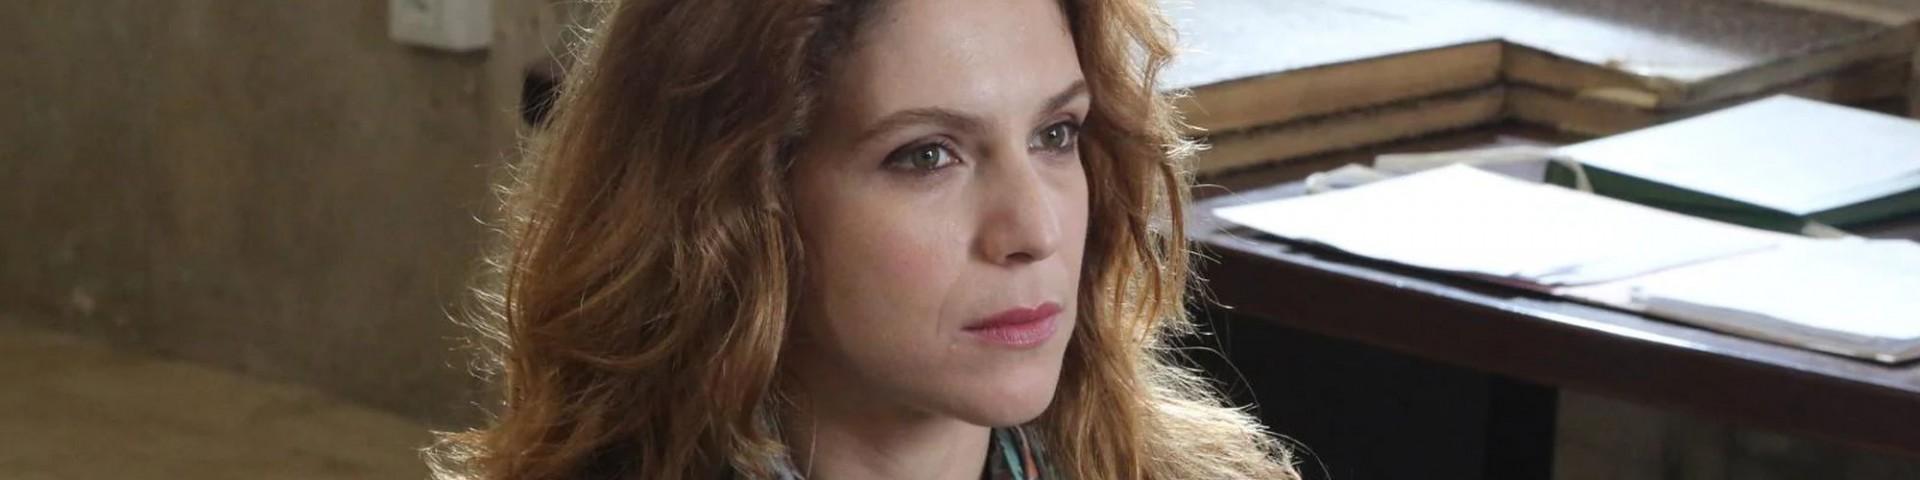 Tutto il giorno davanti: riassunto e streaming film tv su Agnese Ciulla